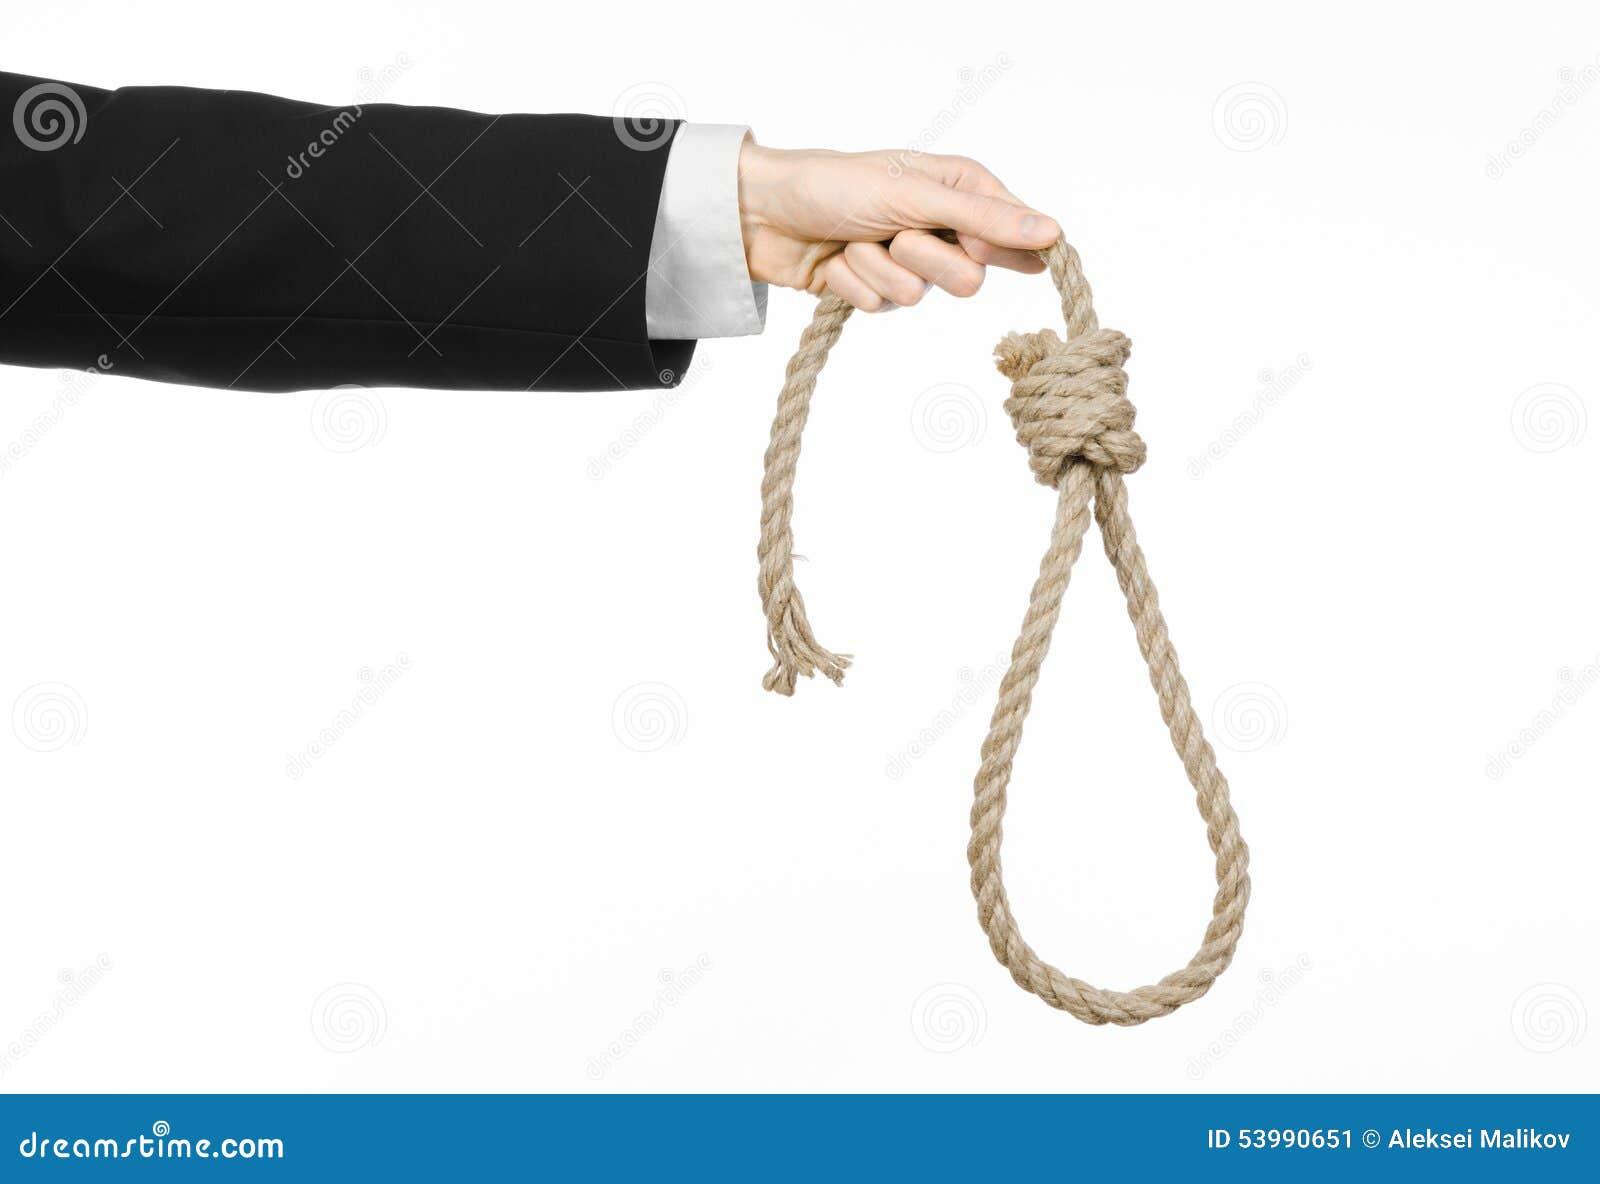 Sujet de suicide et d affaires : Main d un homme d affaires dans une veste noire jugeant une boucle de corde pour accrocher sur l